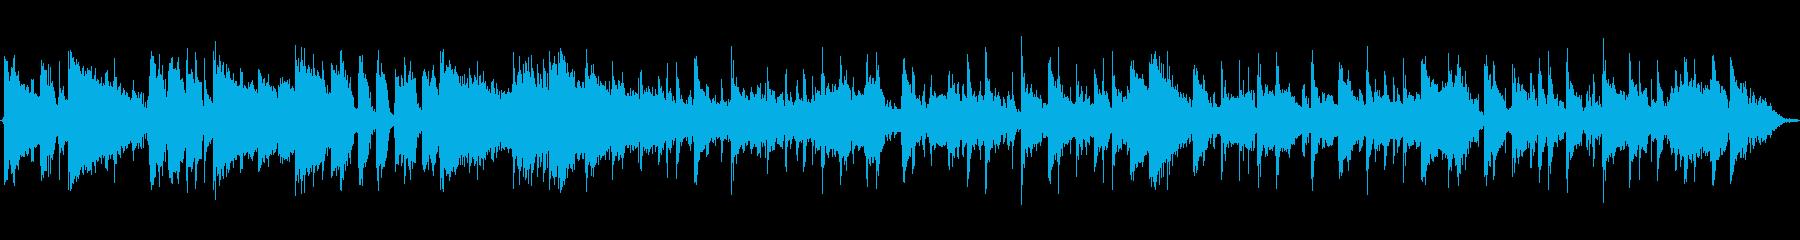 オープニングにぴったりのファンクジングルの再生済みの波形